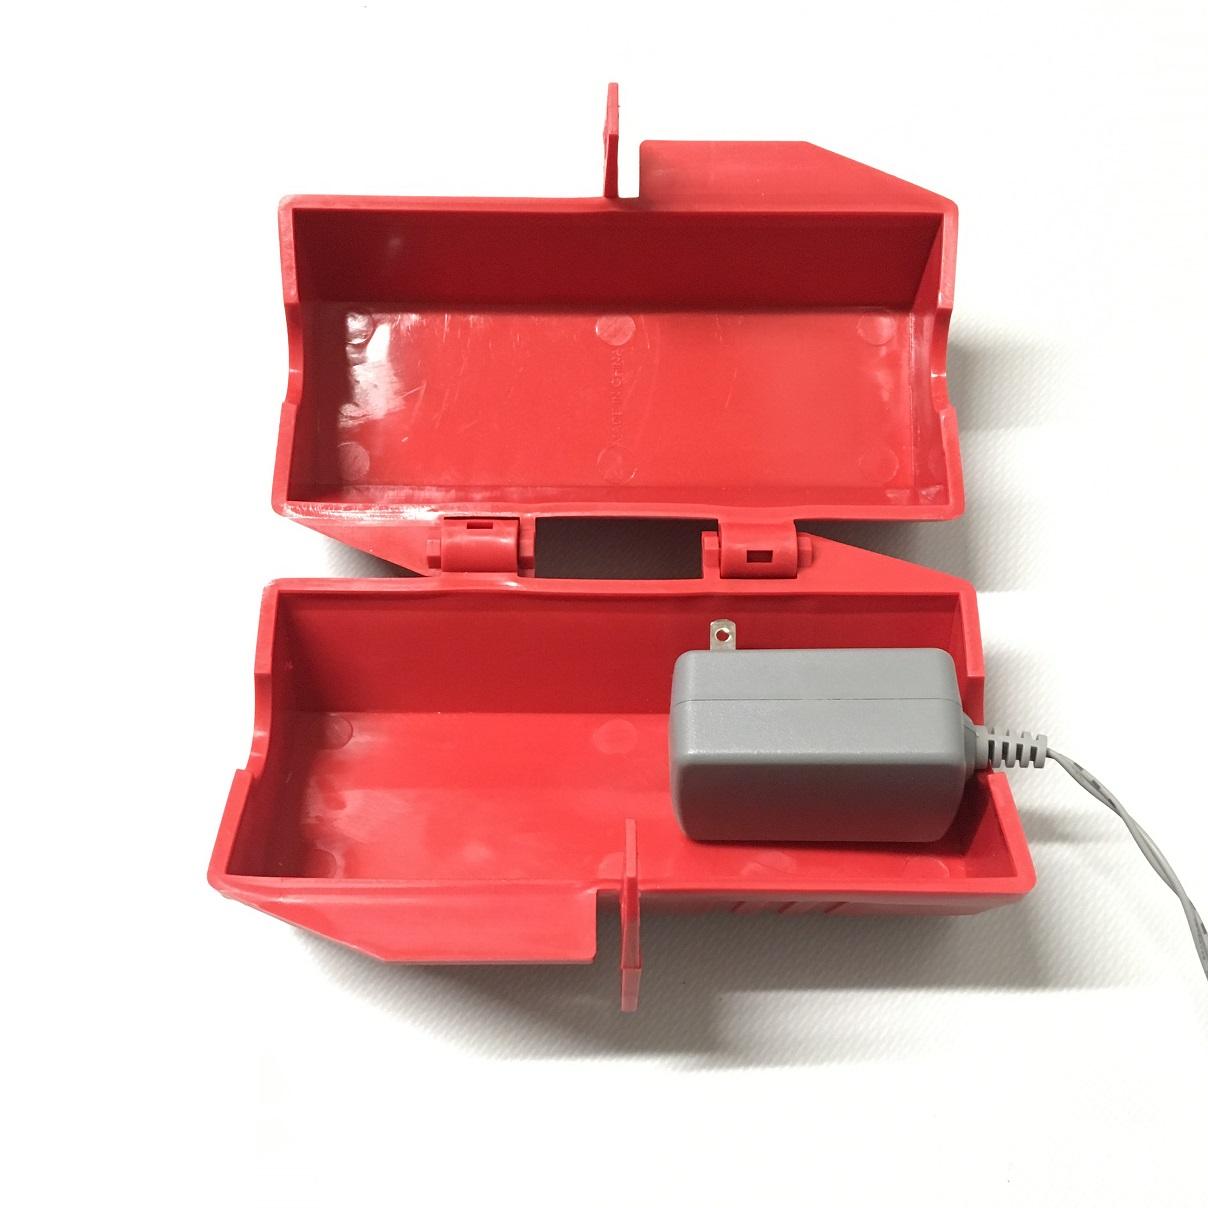 コンセント/プラグロックアウトデバイス 83X83X178mm